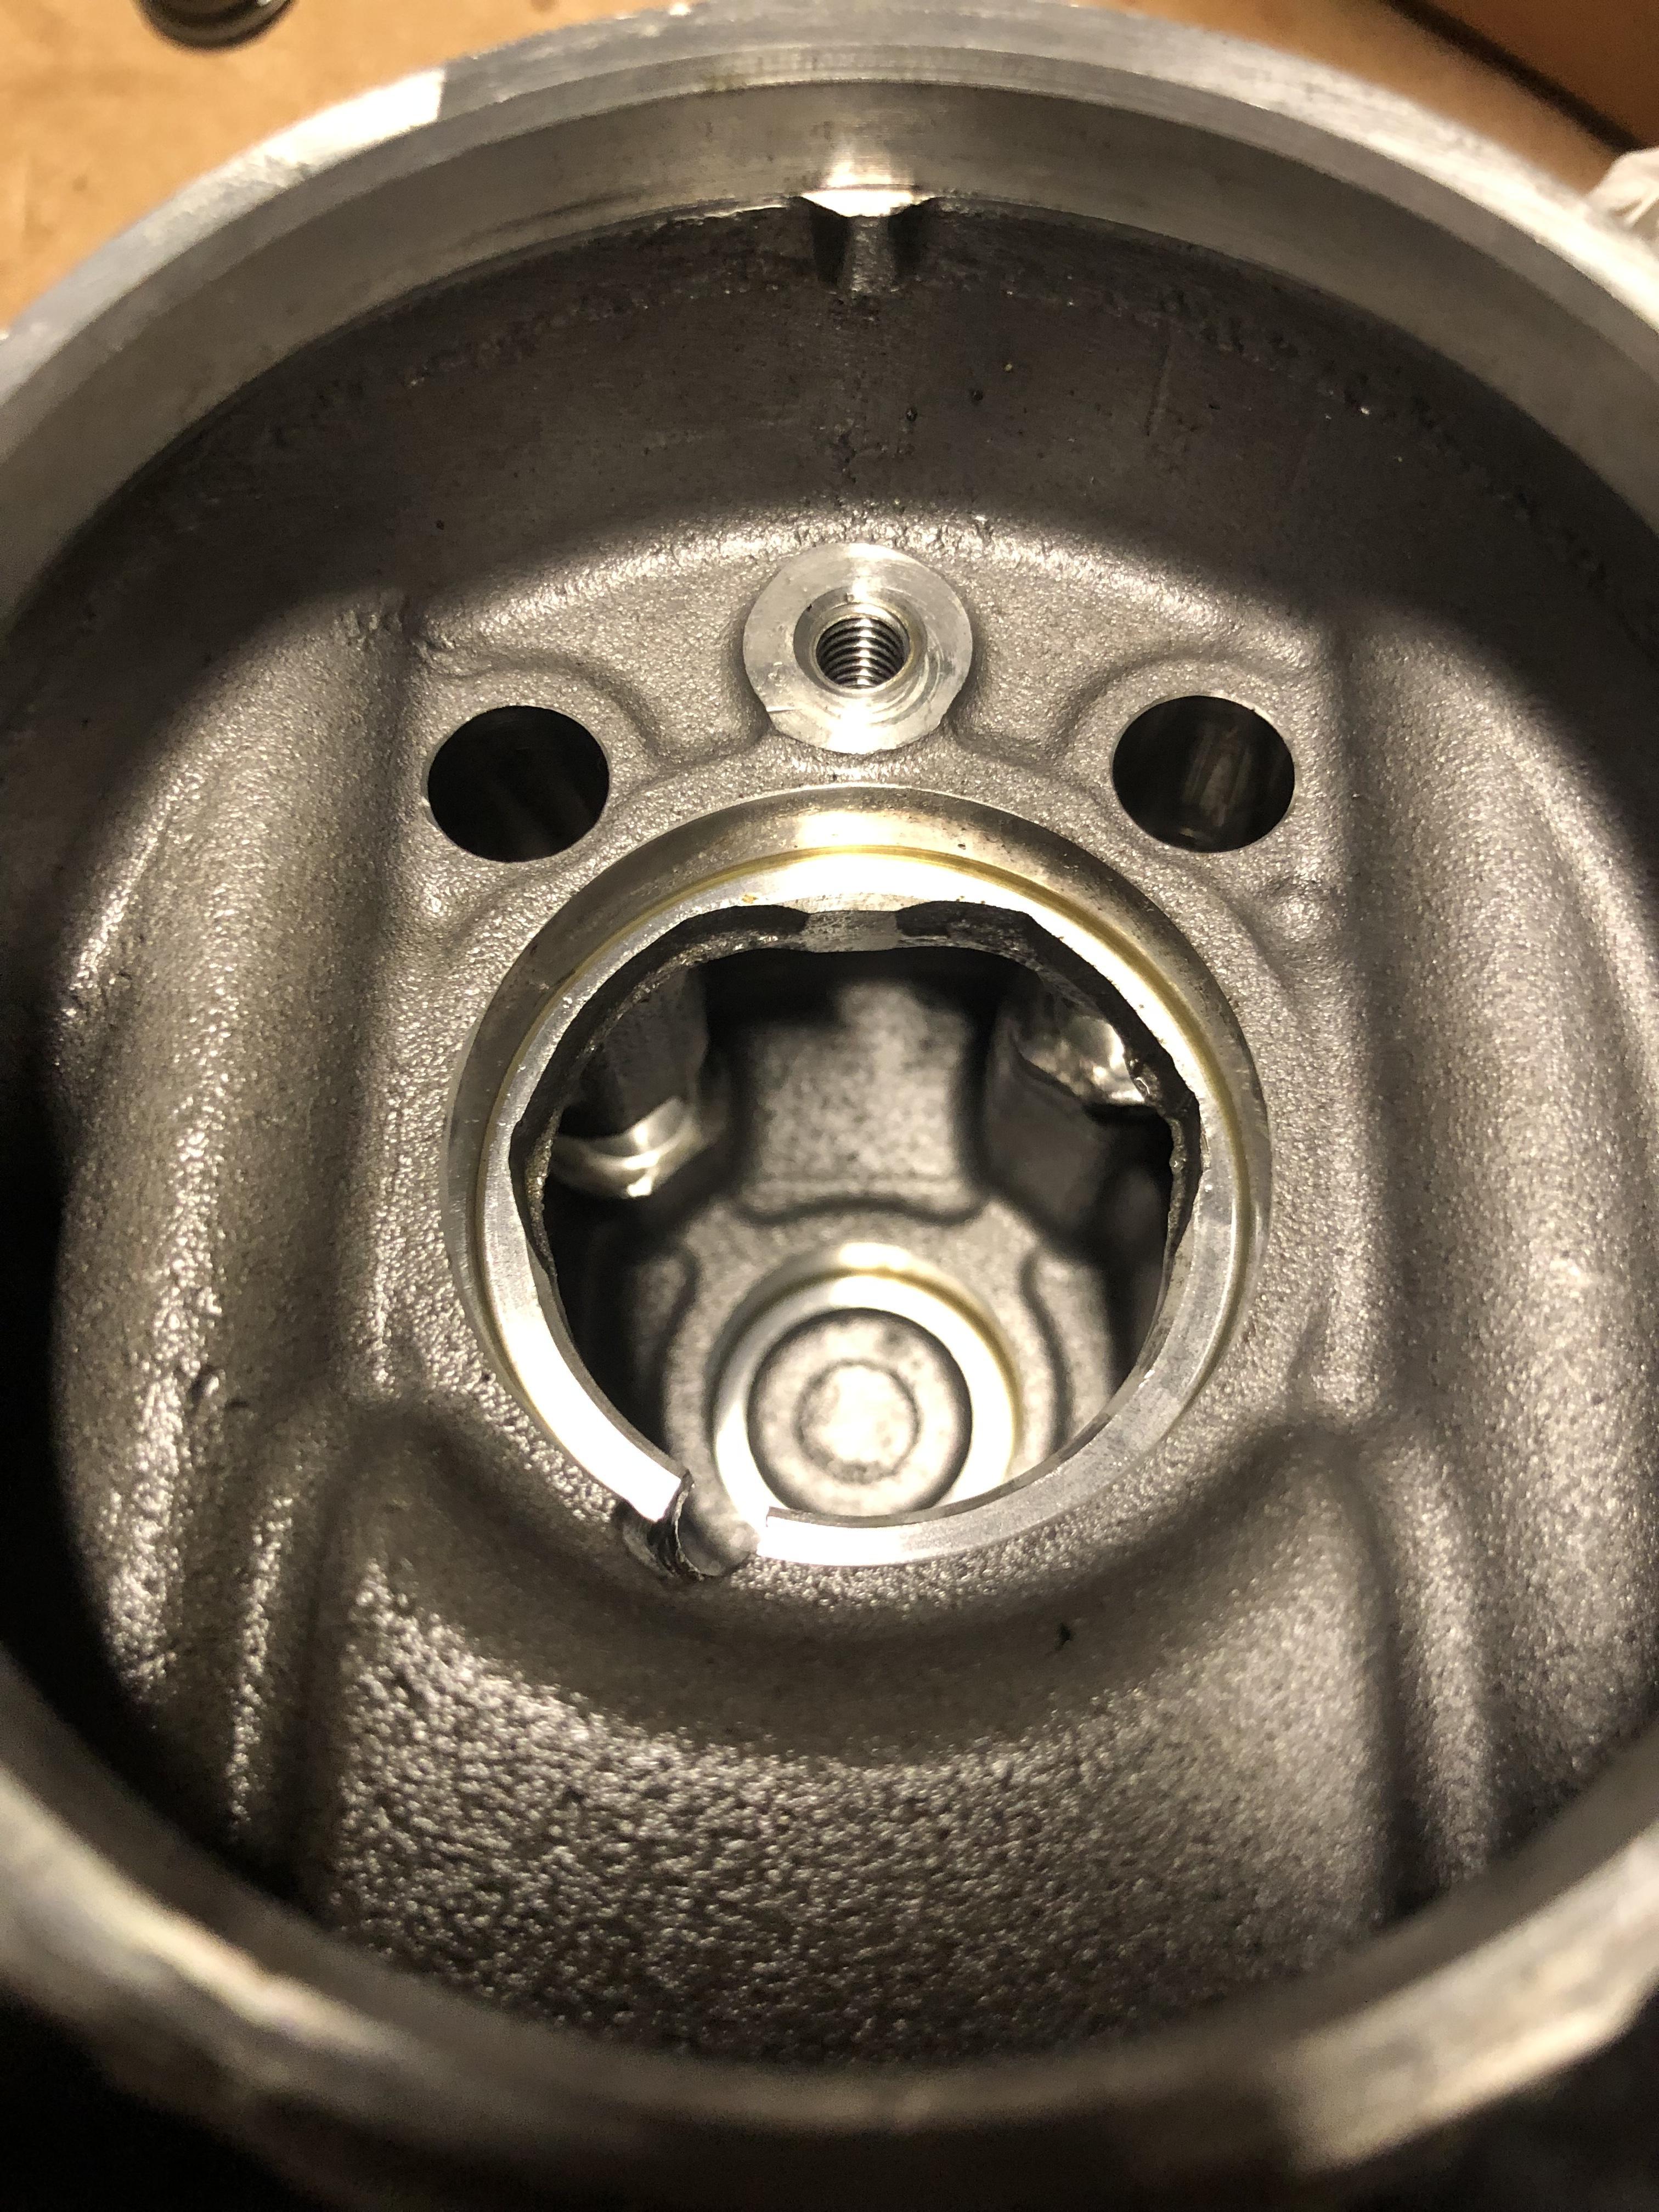 Cam bearing race-659d8209-843e-4c89-8e96-e0d1a5187da5_1564897455278.jpeg